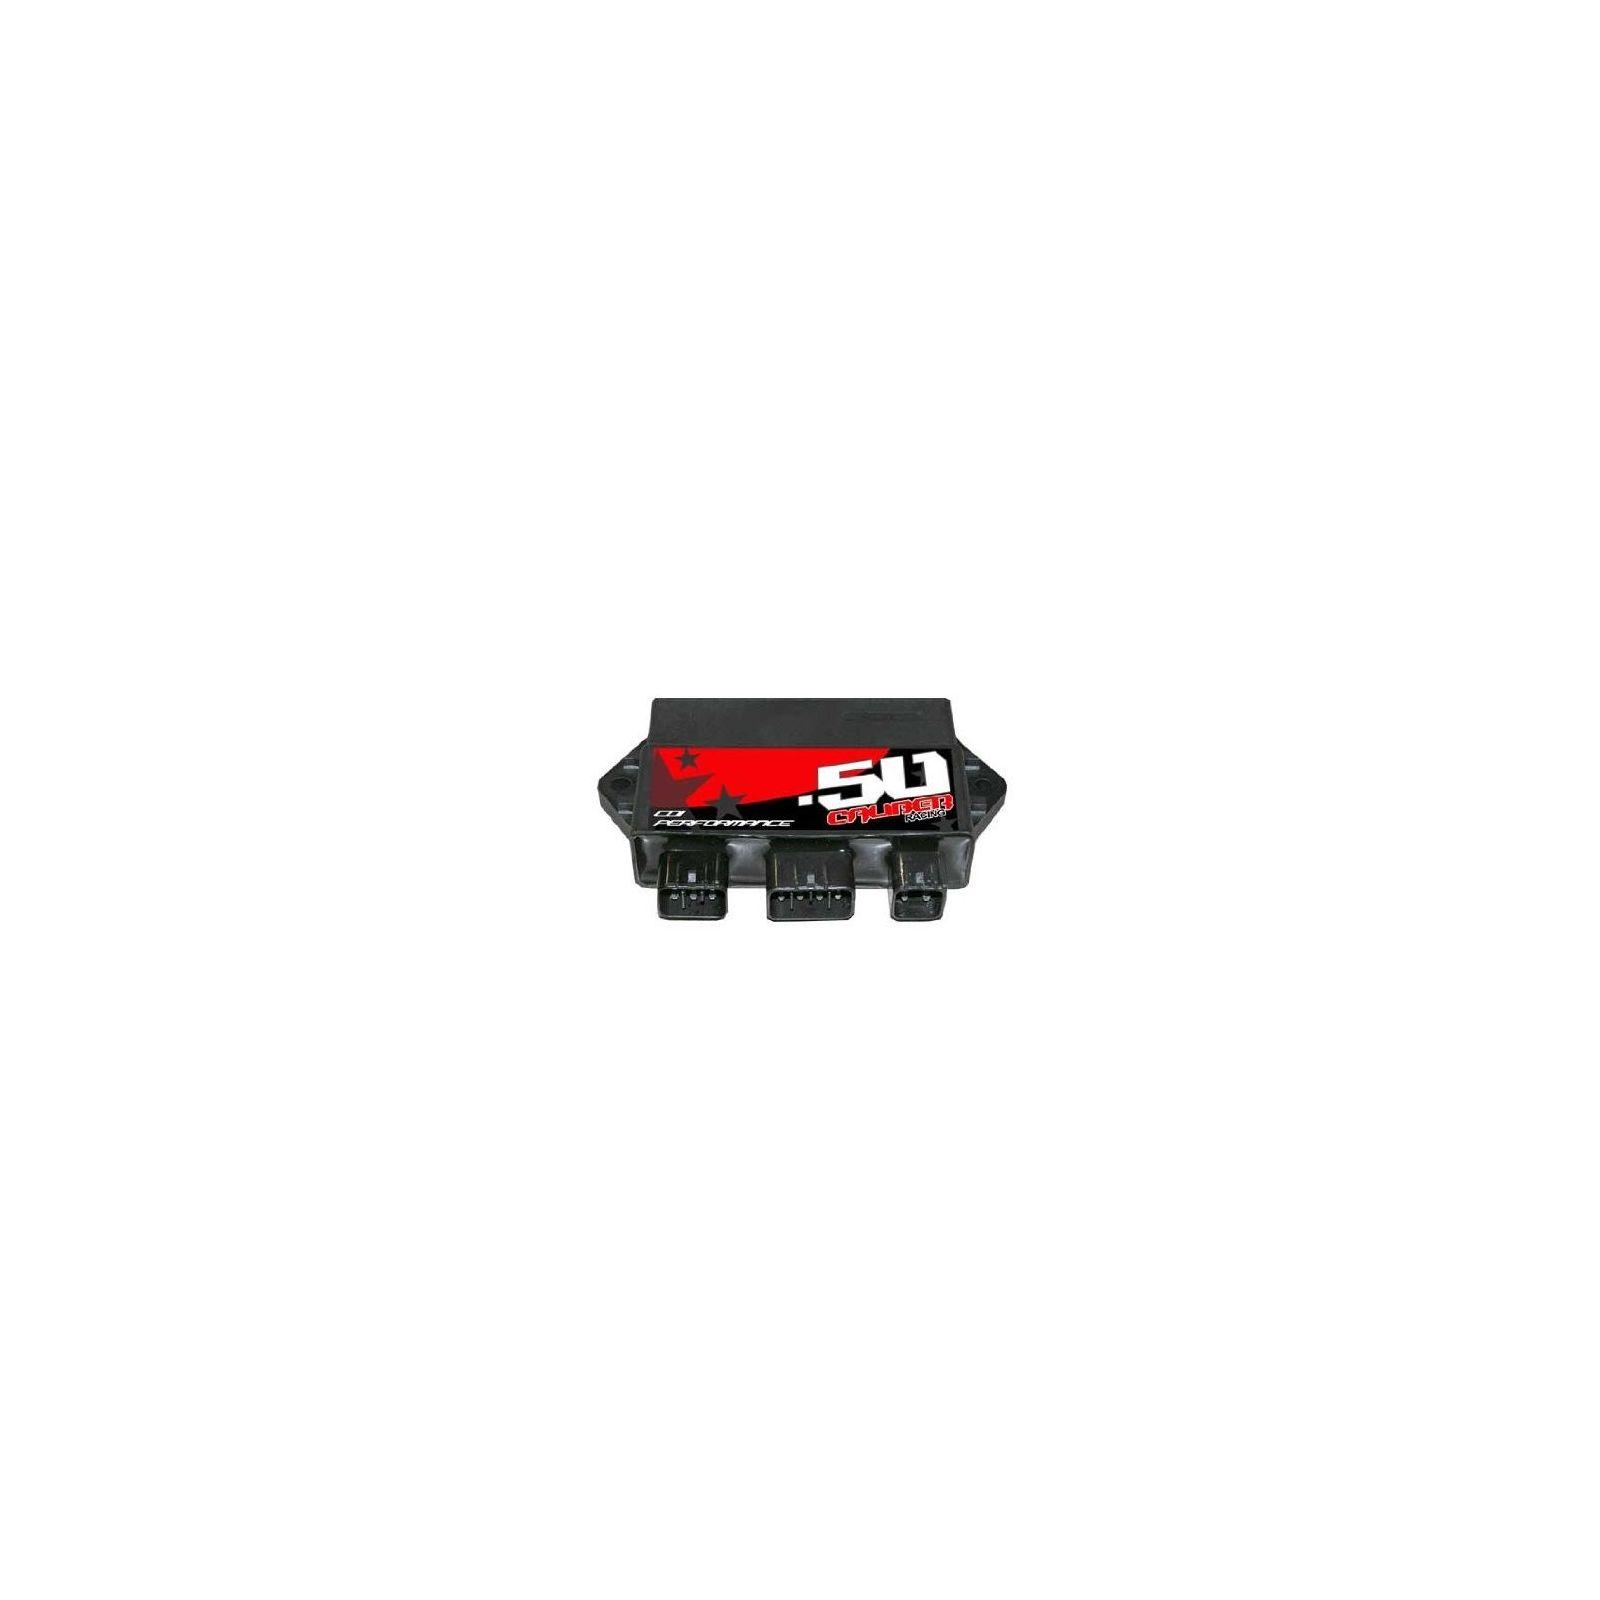 Yamaha Rhino Grizzly 660 CDI